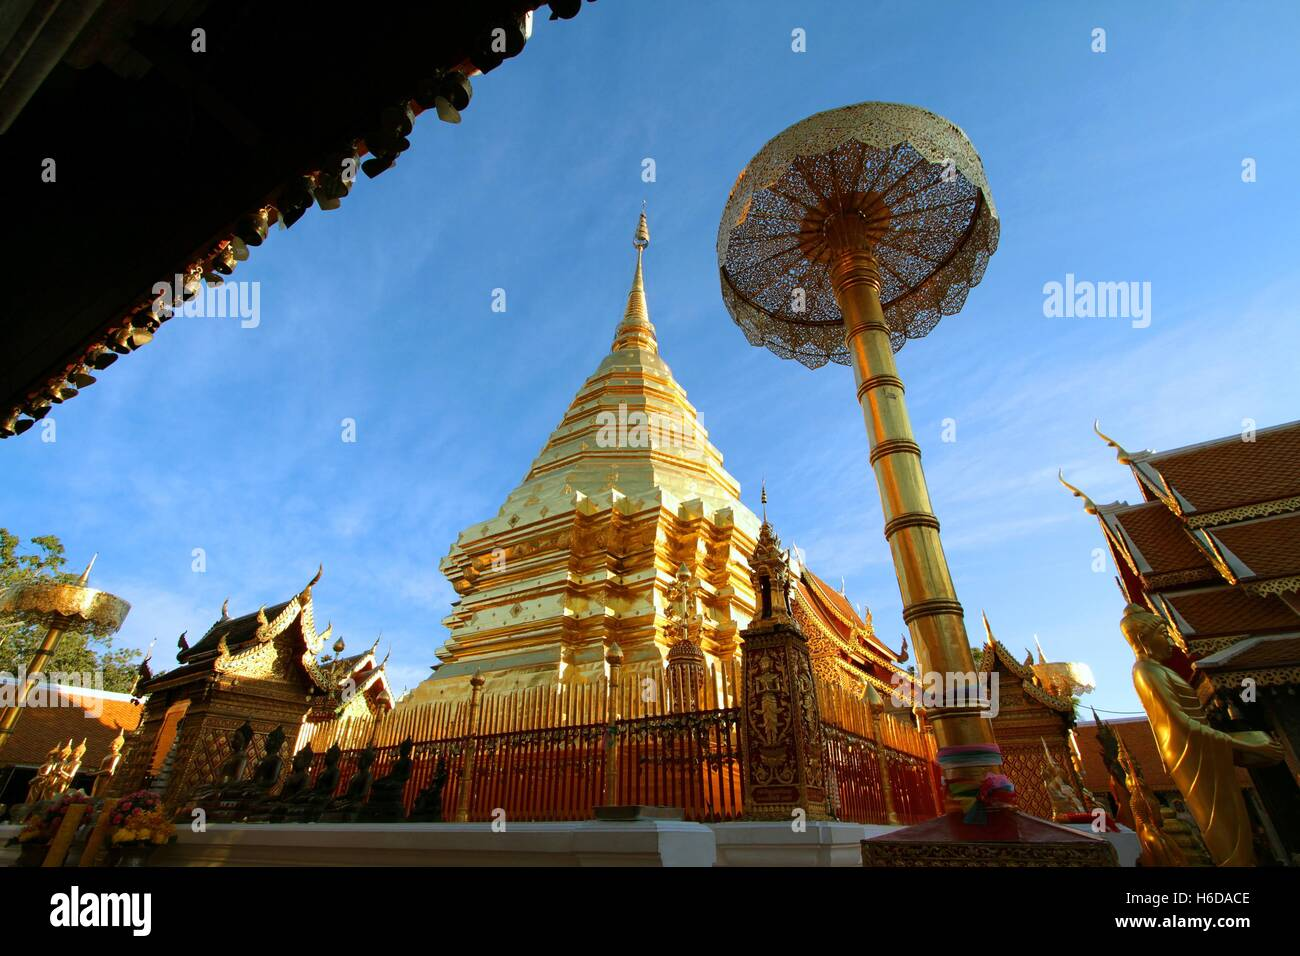 Chiang Mai, Thaïlande - Jan18, 2016: Wat Phra That Doi Suthep est une attraction touristique populaire Photo Stock